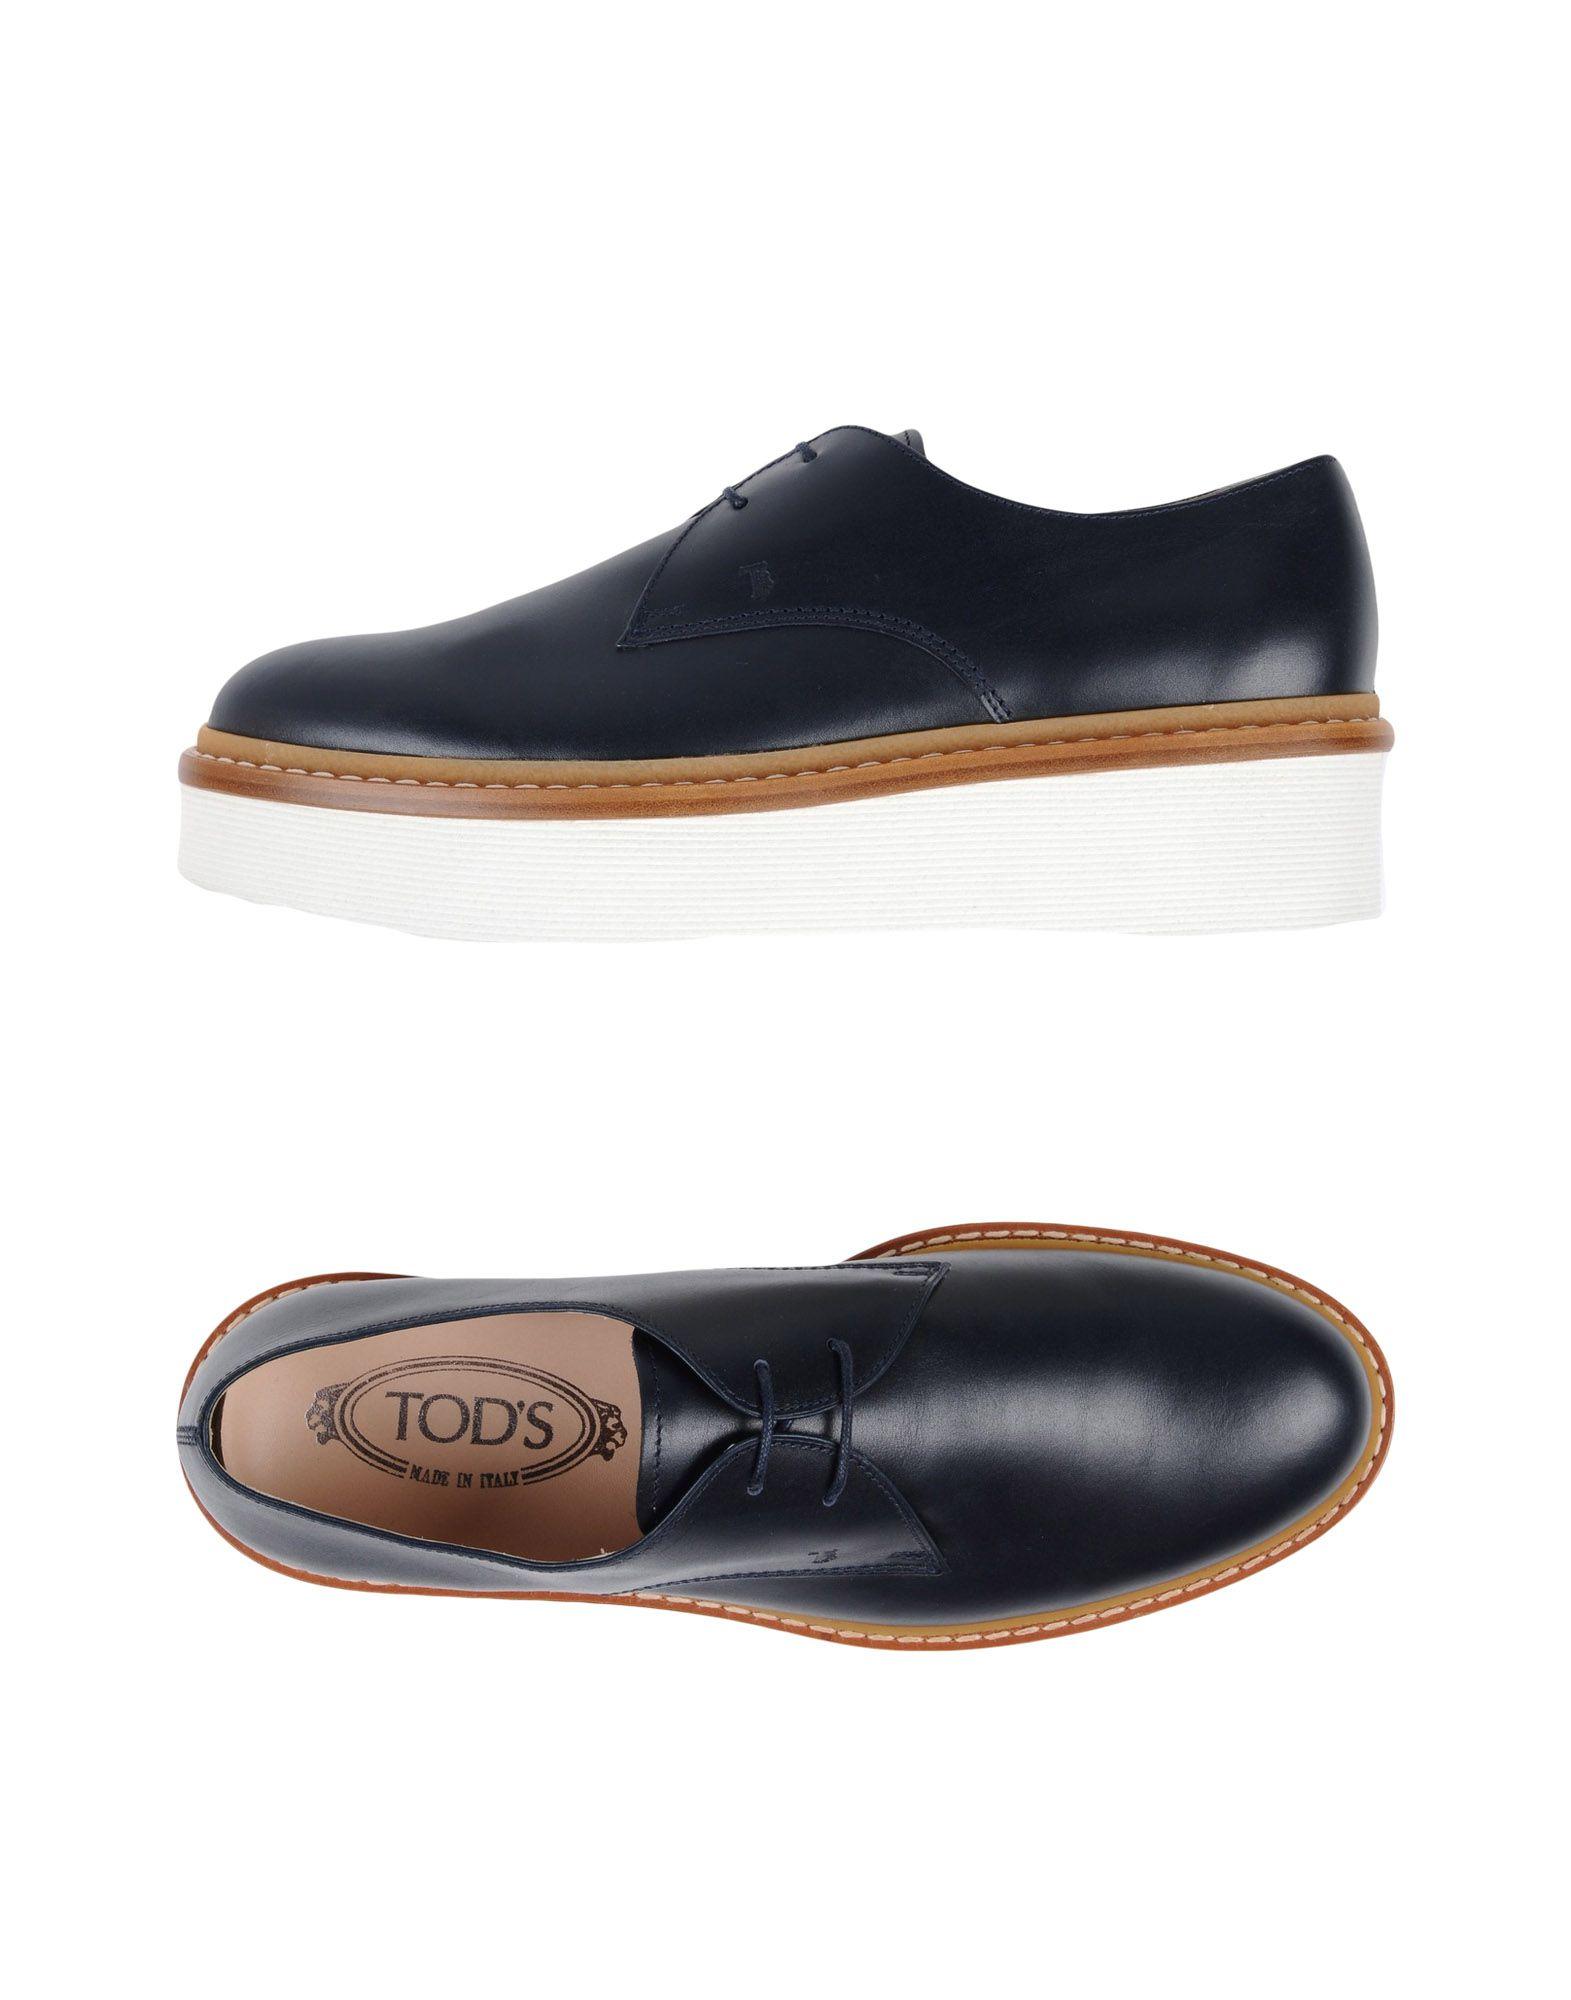 Tod's Schnürschuhe Damen  11429273BVGut aussehende strapazierfähige Schuhe